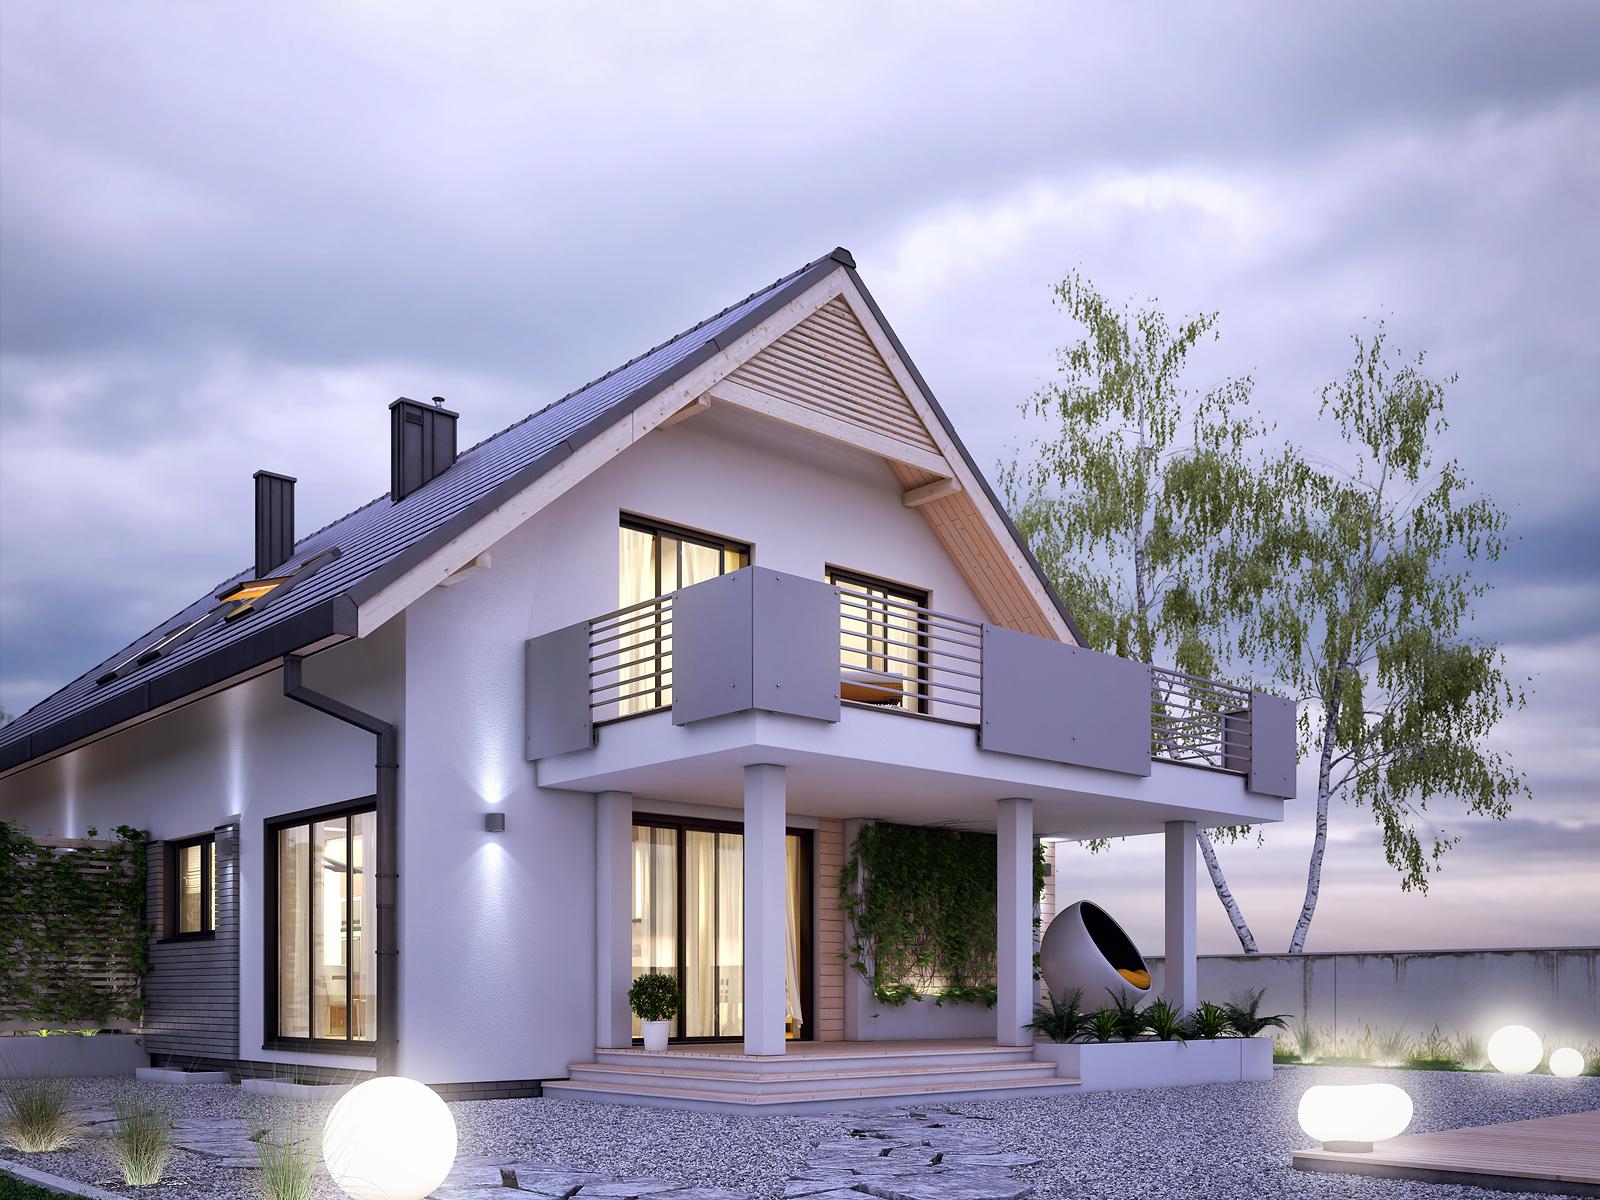 Oświetlenie Zewnętrzne Domu I Podwórza Blog Domy W Stylu